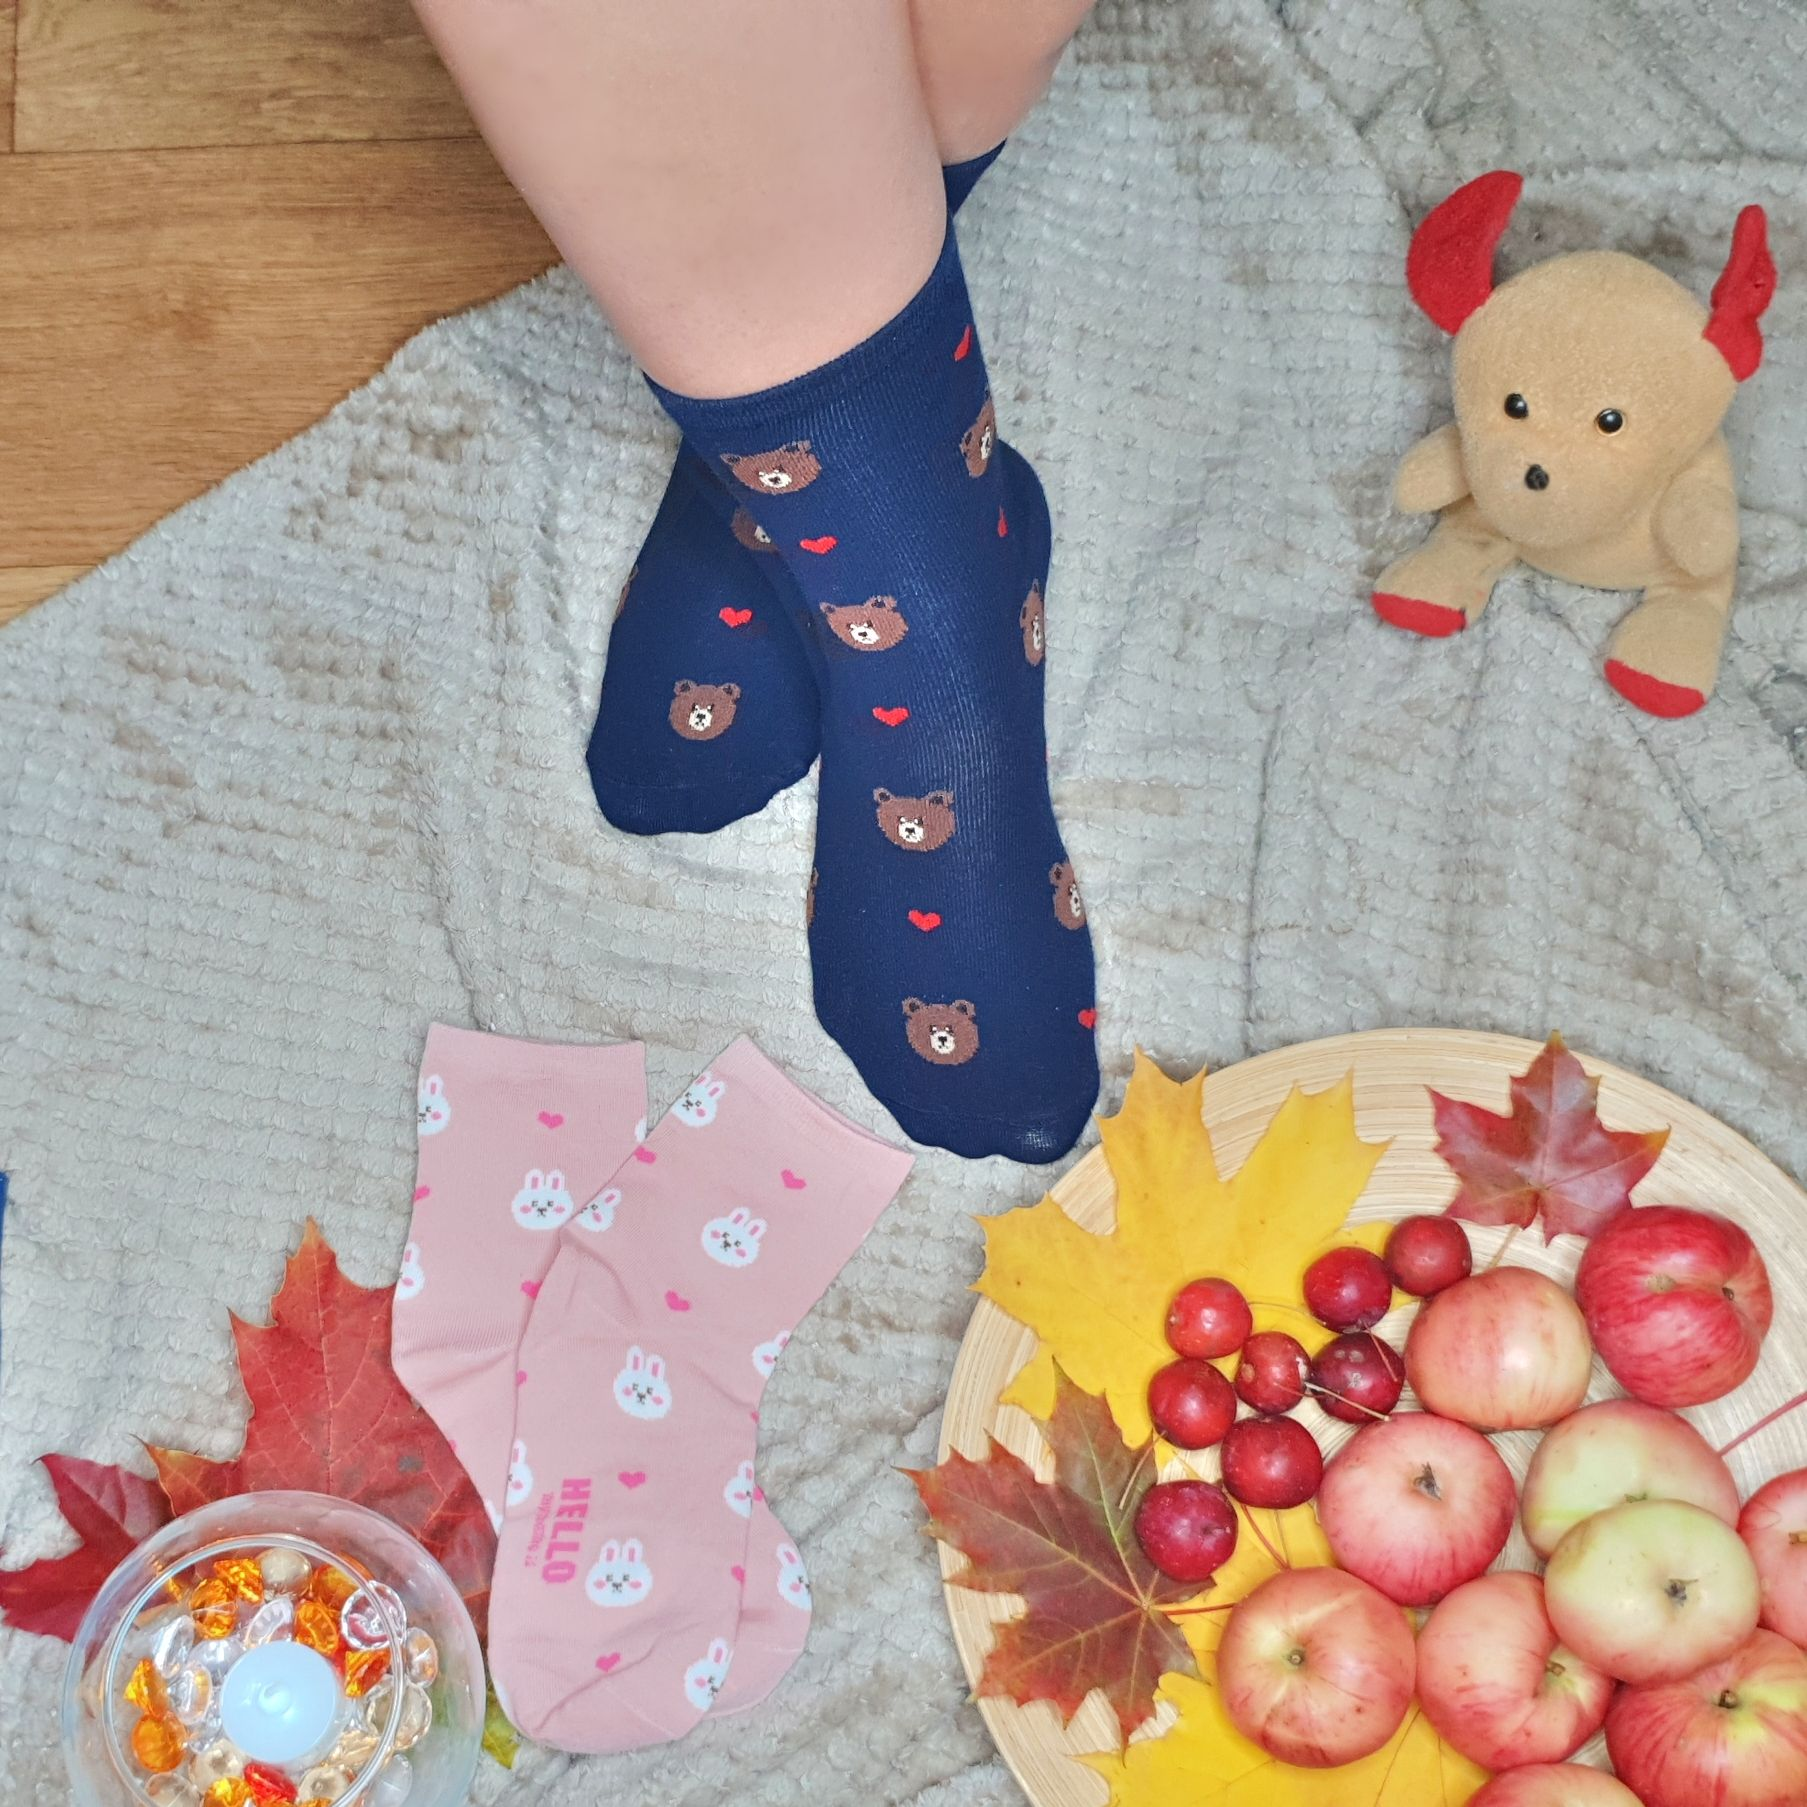 Забавные мягкие, эластичные и очень удобные носки - инструкция